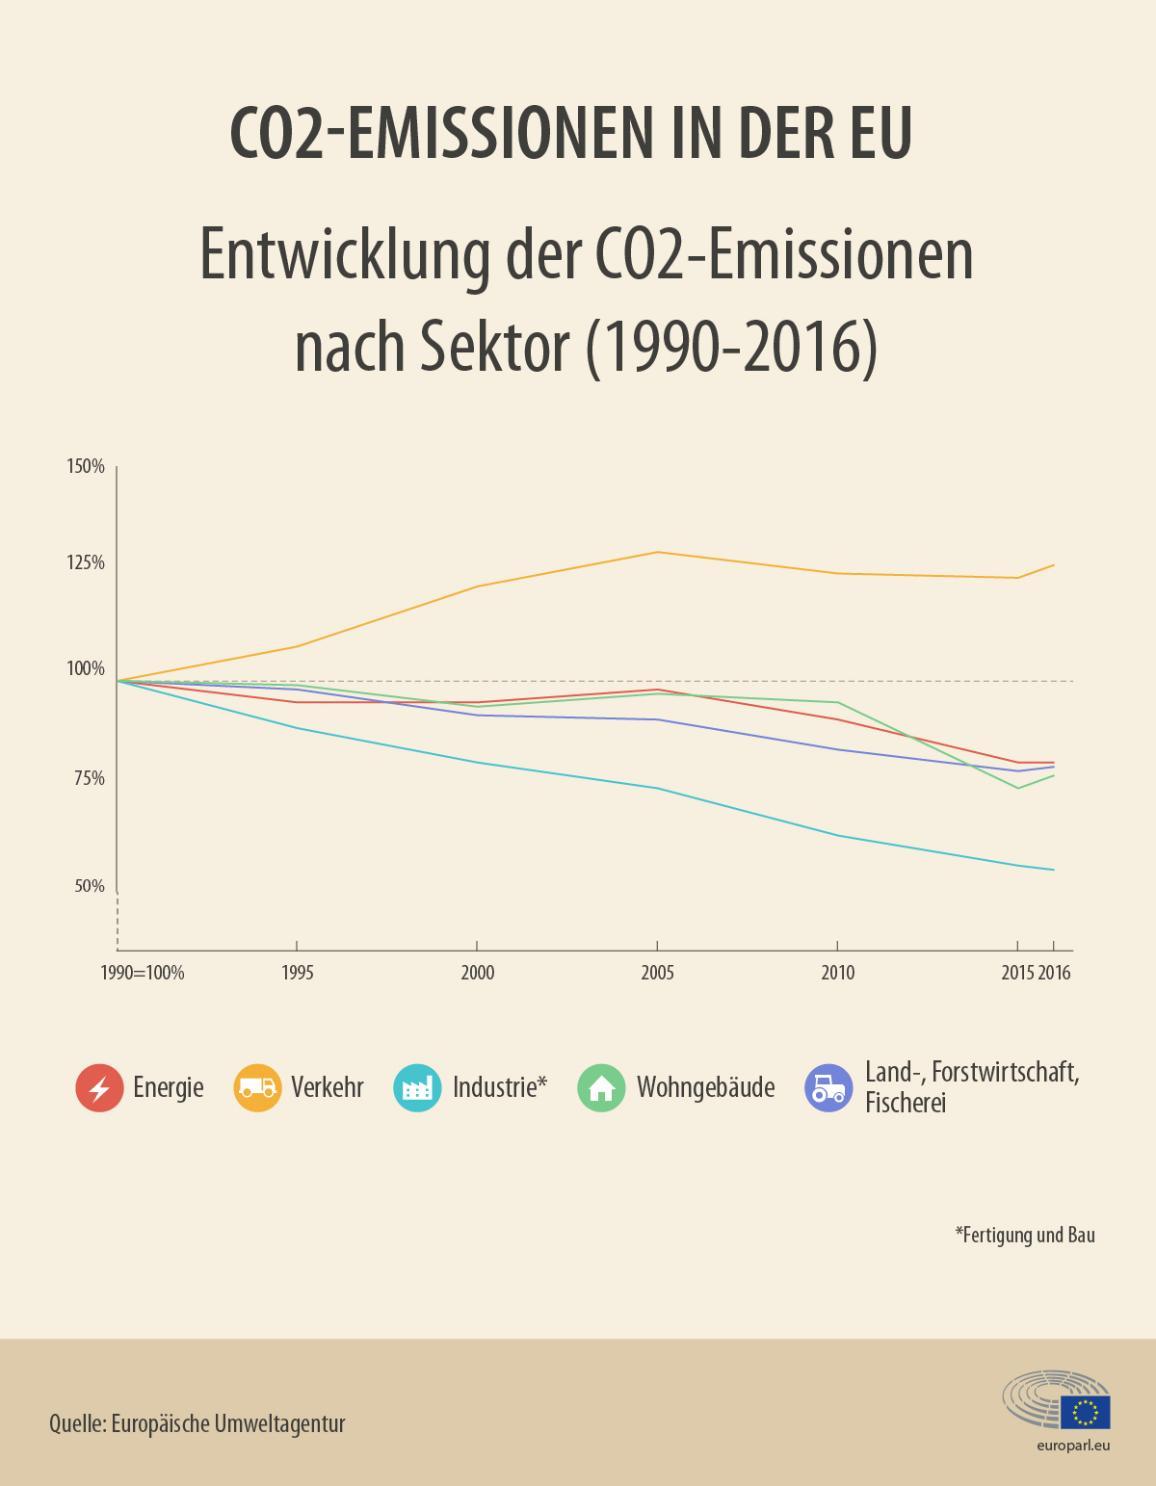 Infografik: Entwicklung der CO2-Emissionen nach Sektor (1990-2016)